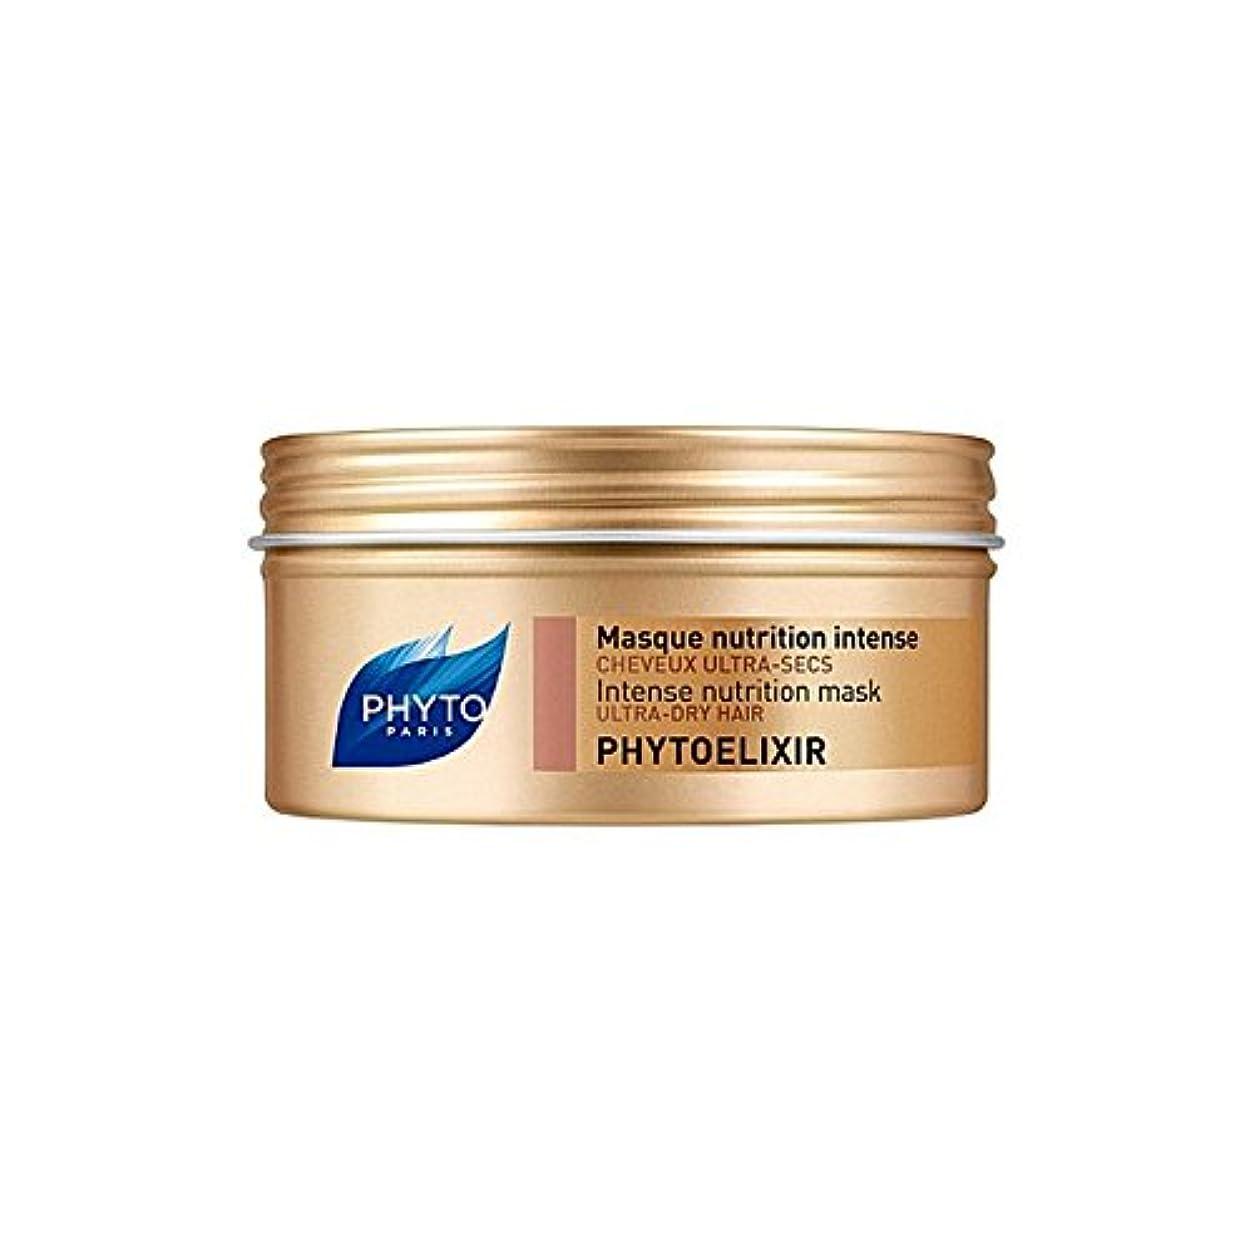 不合格アルカトラズ島でるフィトの強烈な栄養マスク x4 - Phyto Phytoelixir Intense Nutrition Mask (Pack of 4) [並行輸入品]